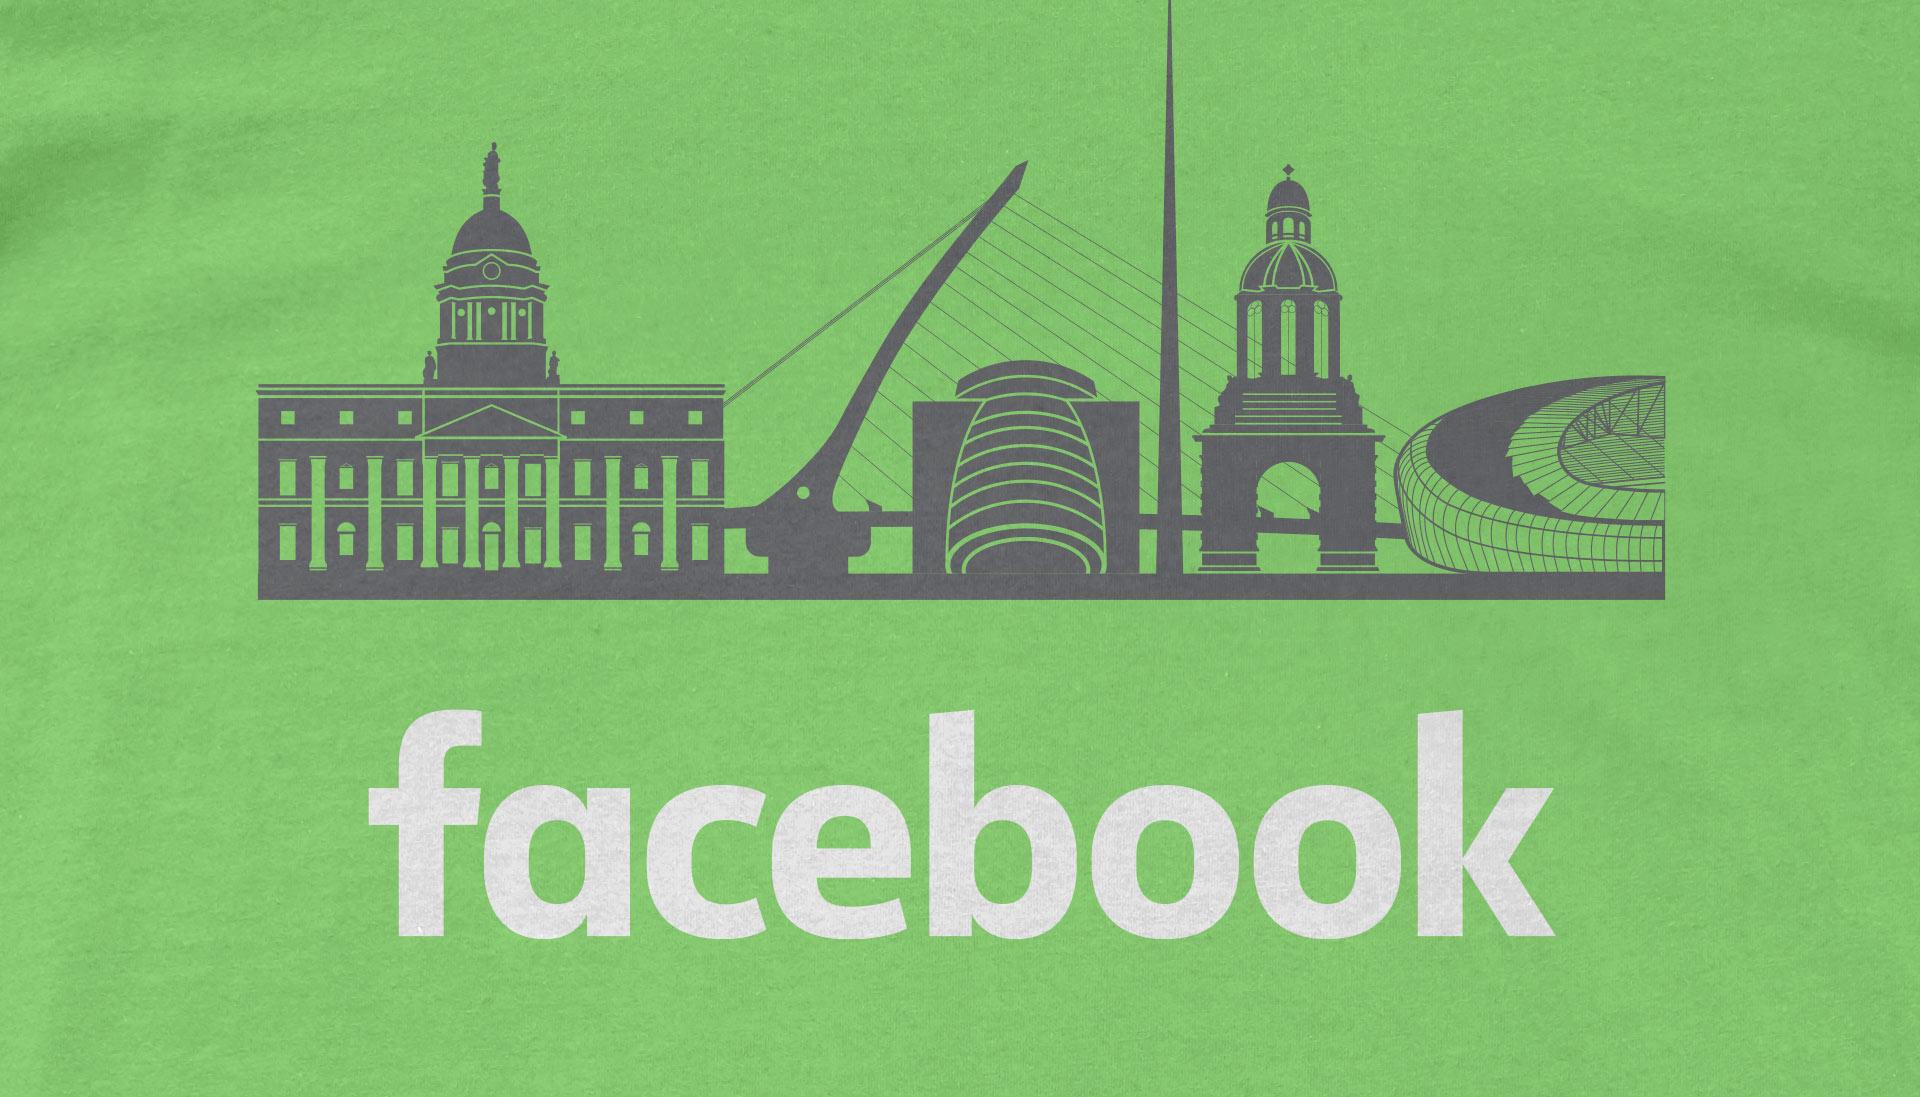 facebook-t-shirt-design-closeup